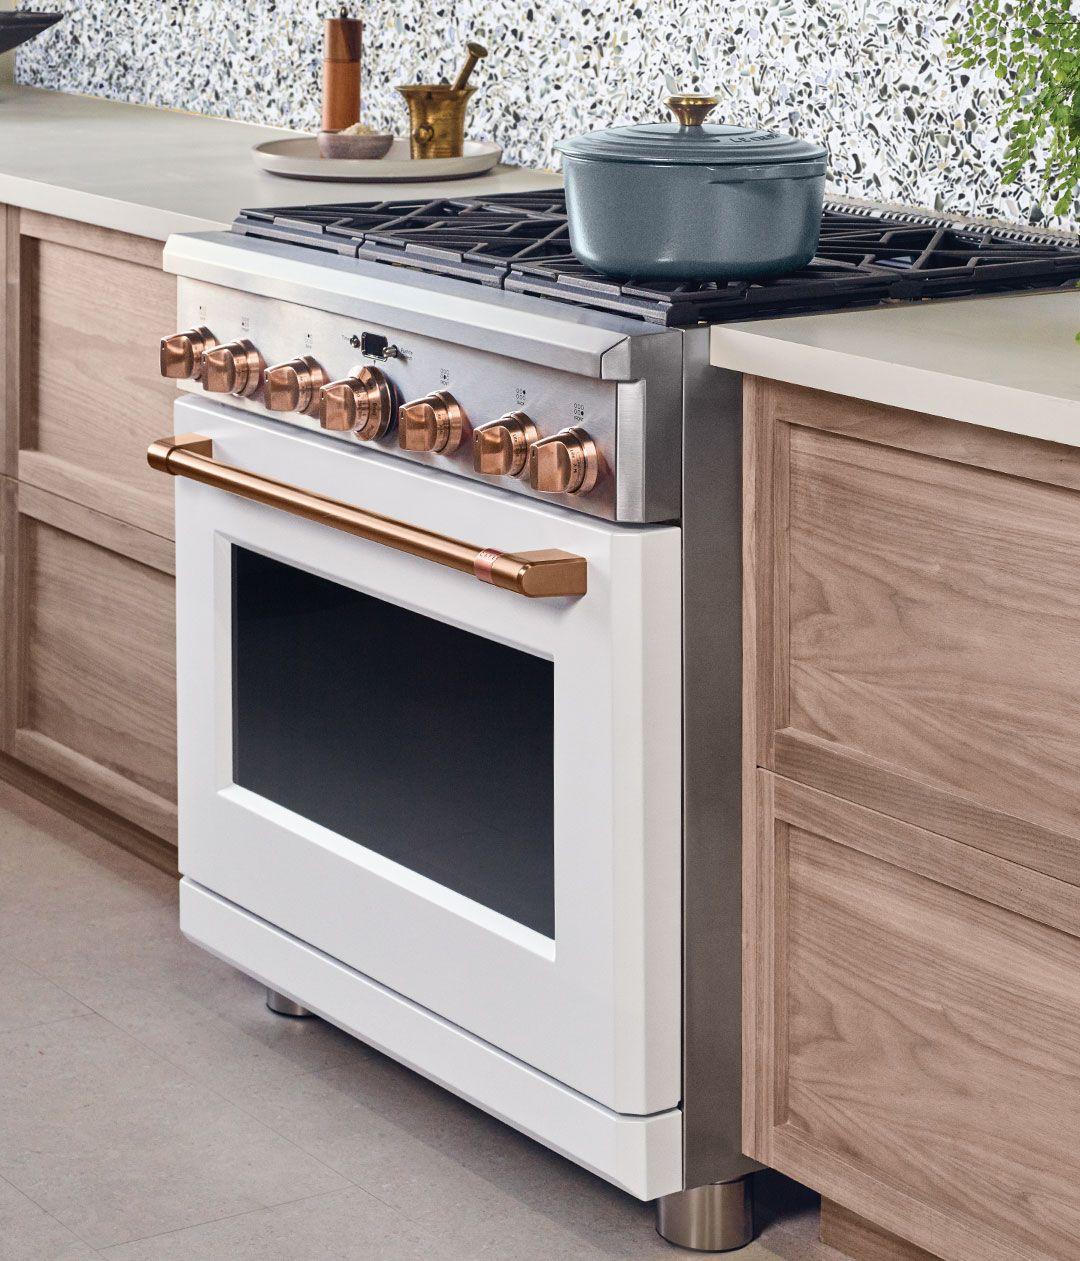 matte white customizable professional kitchen appliances cafe professional kitchen on kitchen appliances id=50407